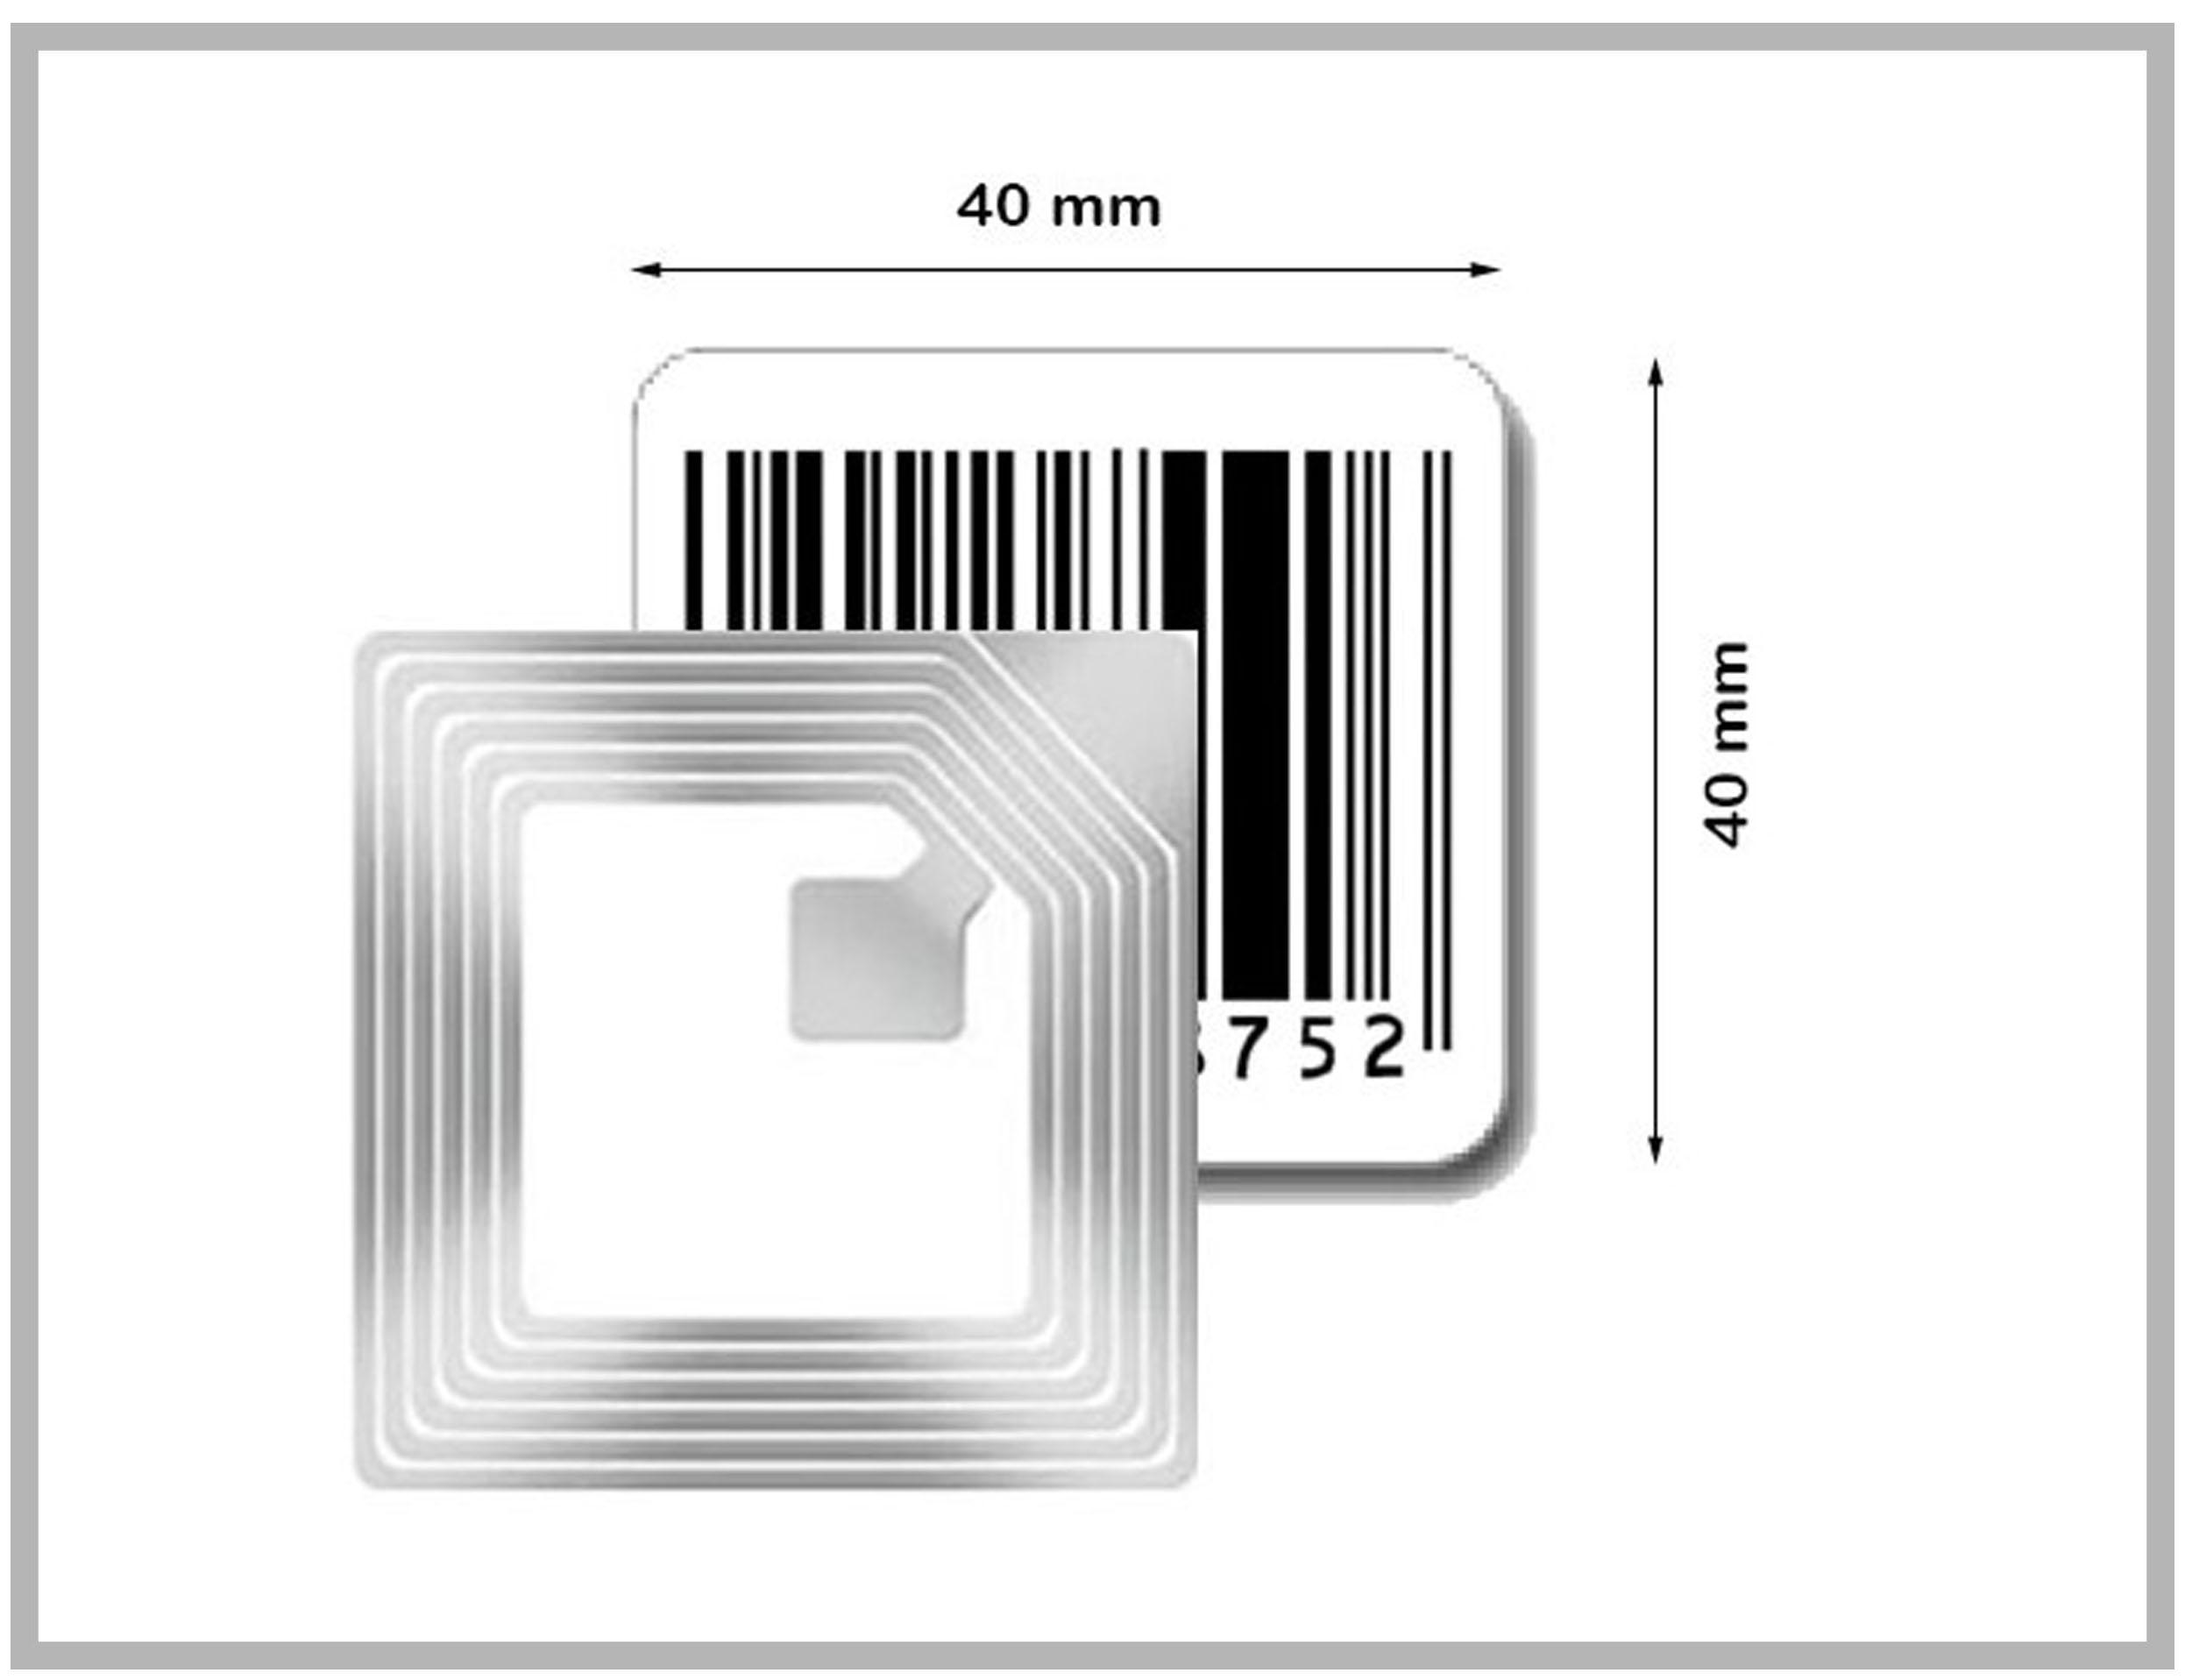 RF Label 40x40mm avec code barre